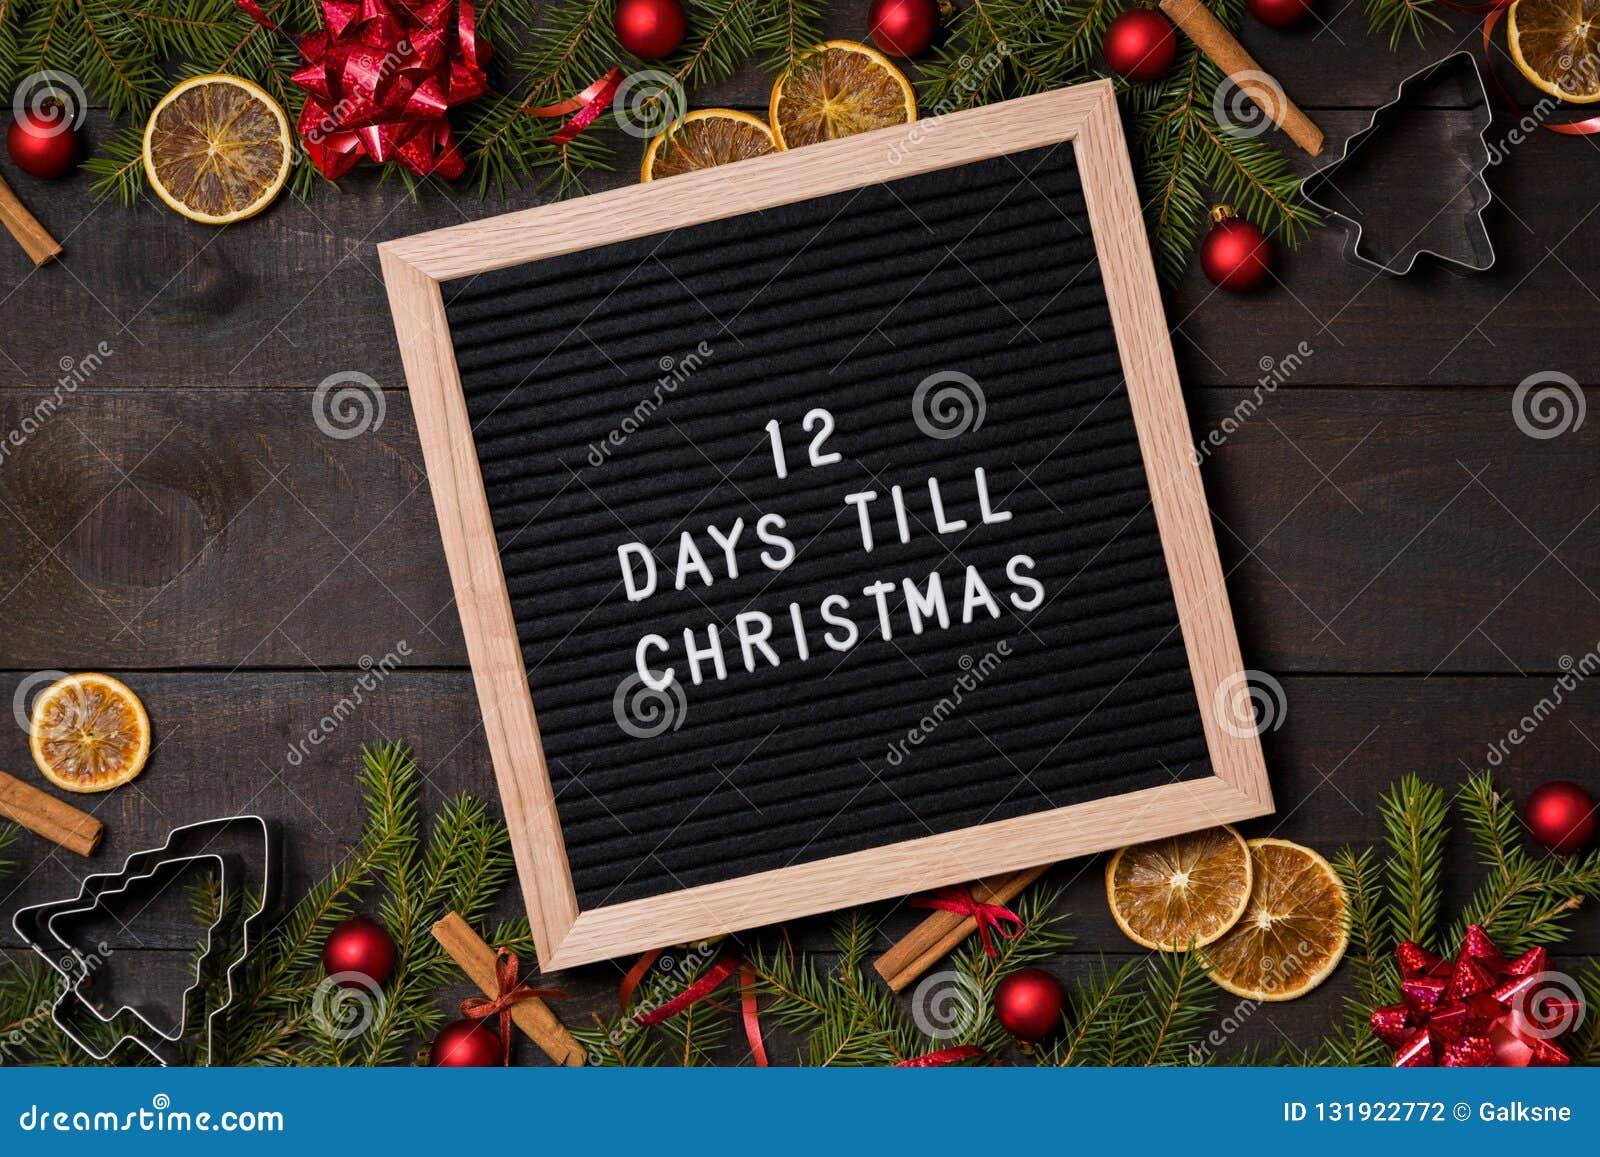 Doze dias até a placa da letra da contagem regressiva do Natal na madeira rústica escura